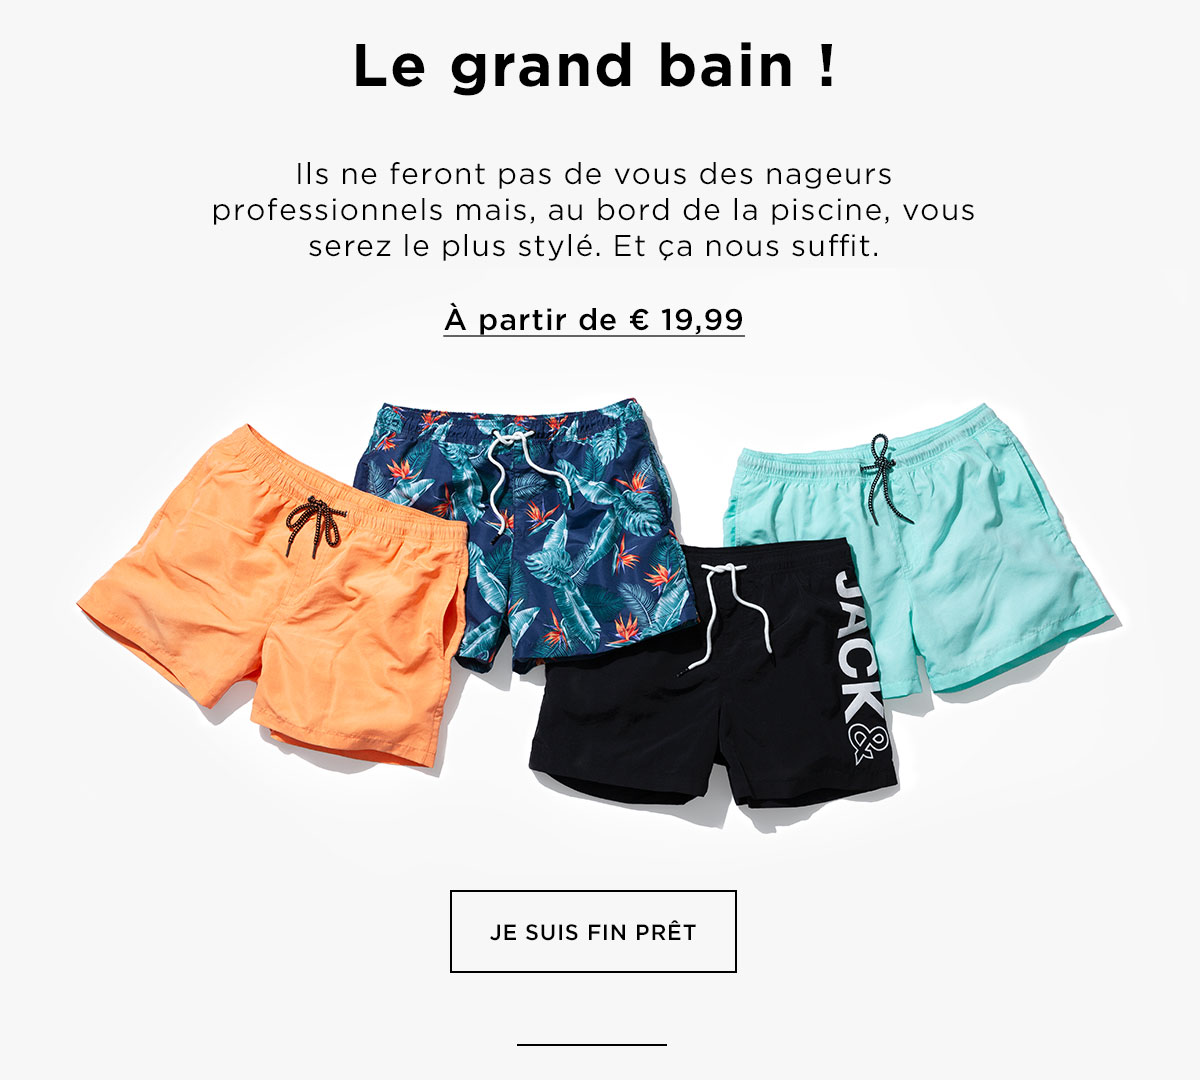 DK Swimwear